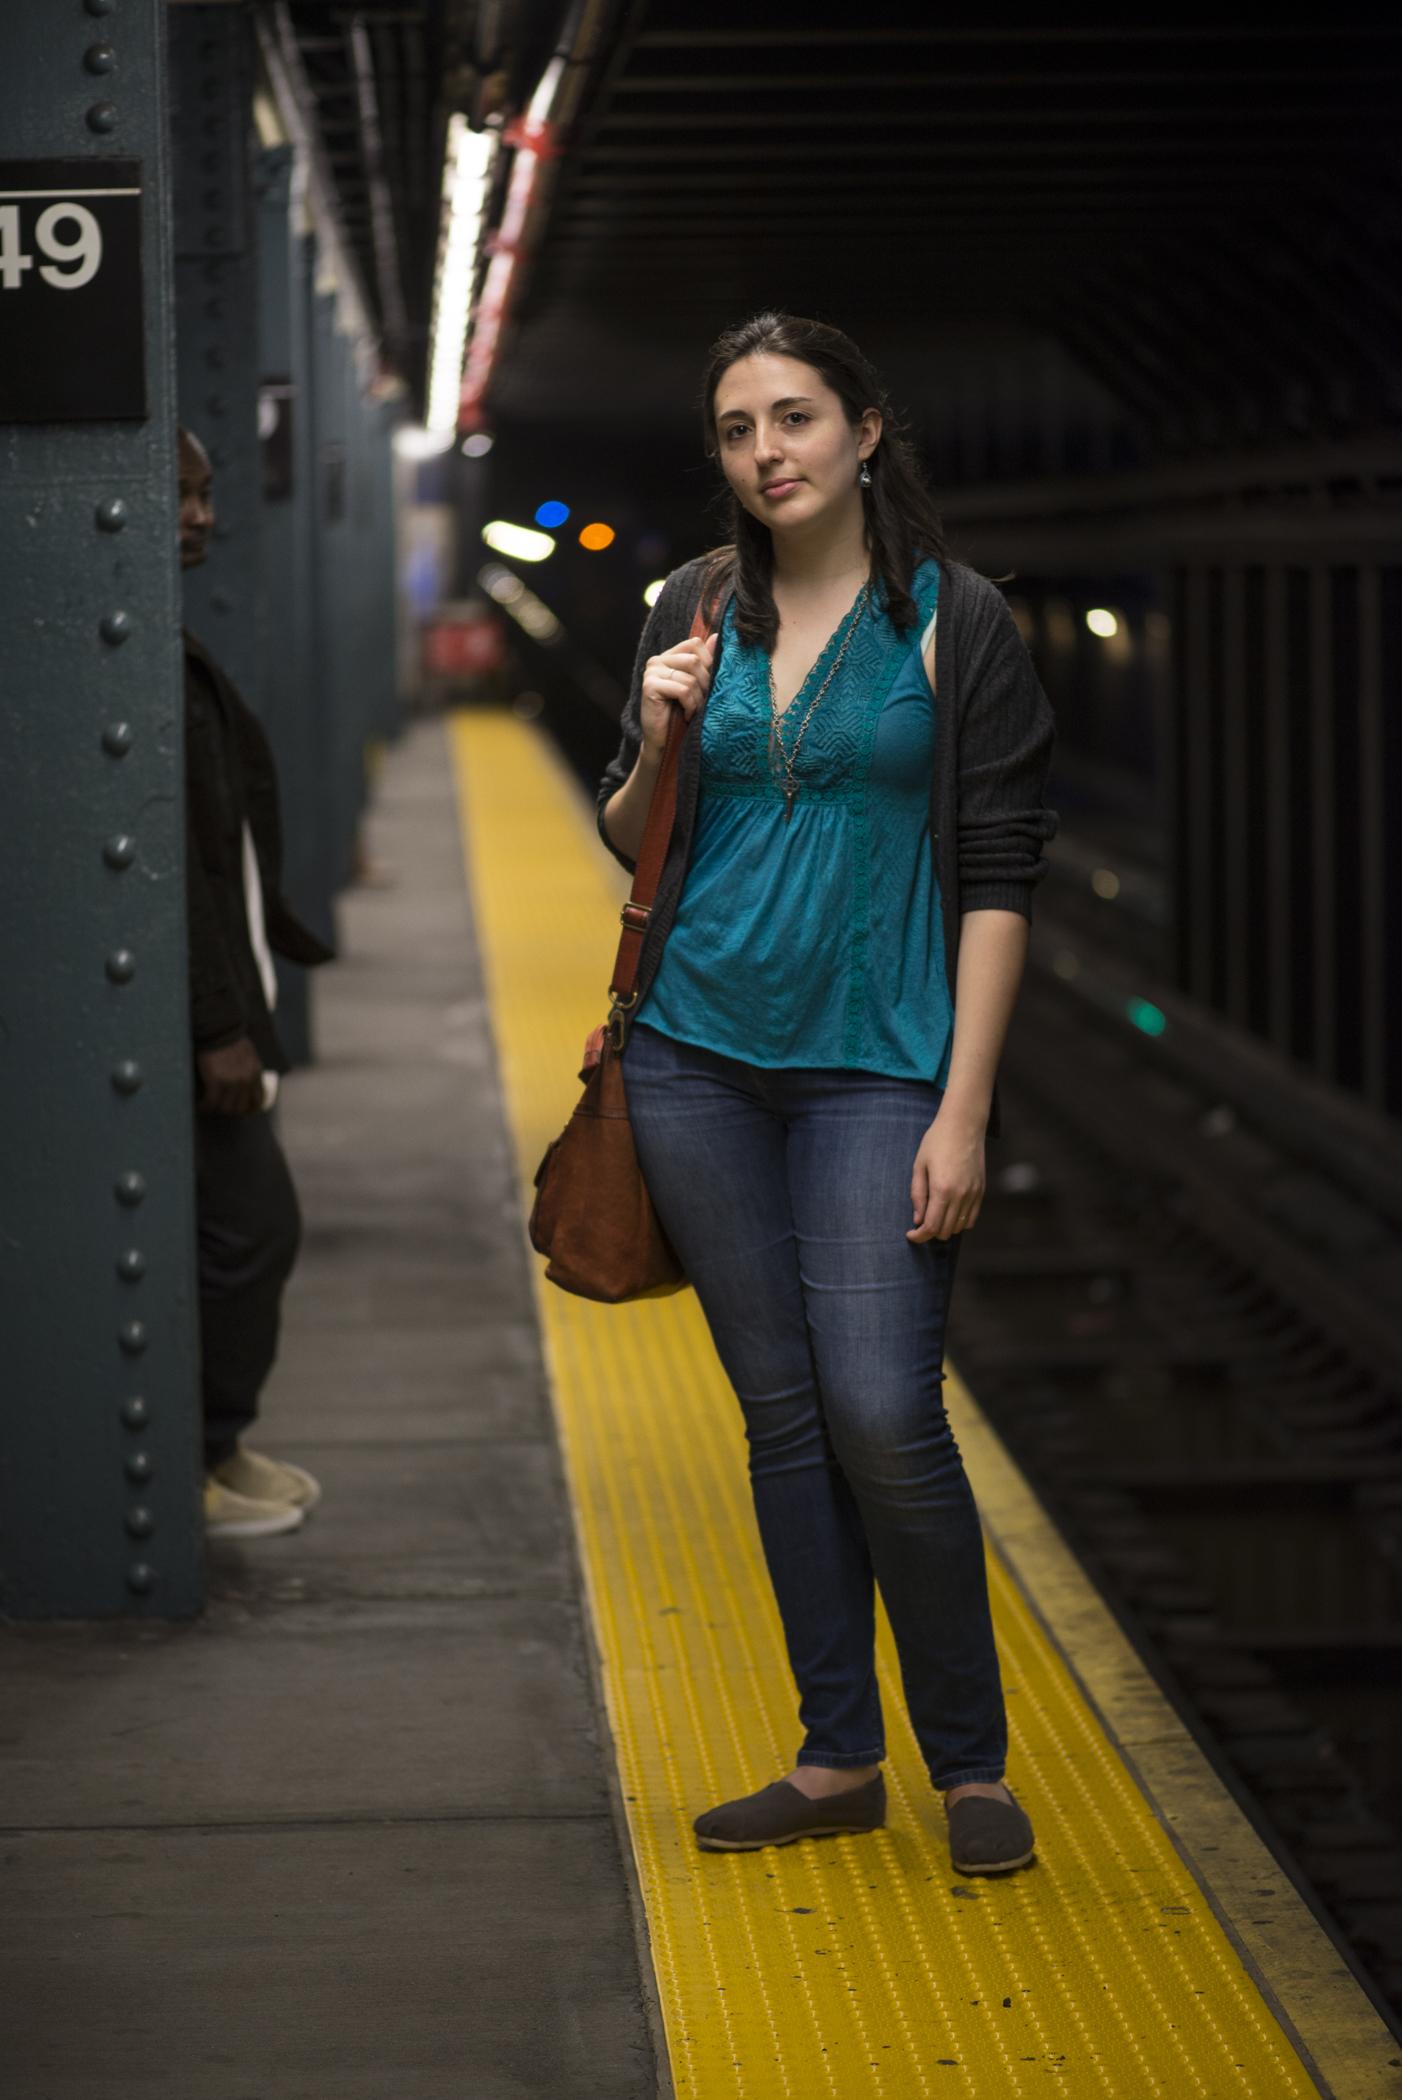 04122014-JenBrittonNYC-JuliaLuckettPhotography-3